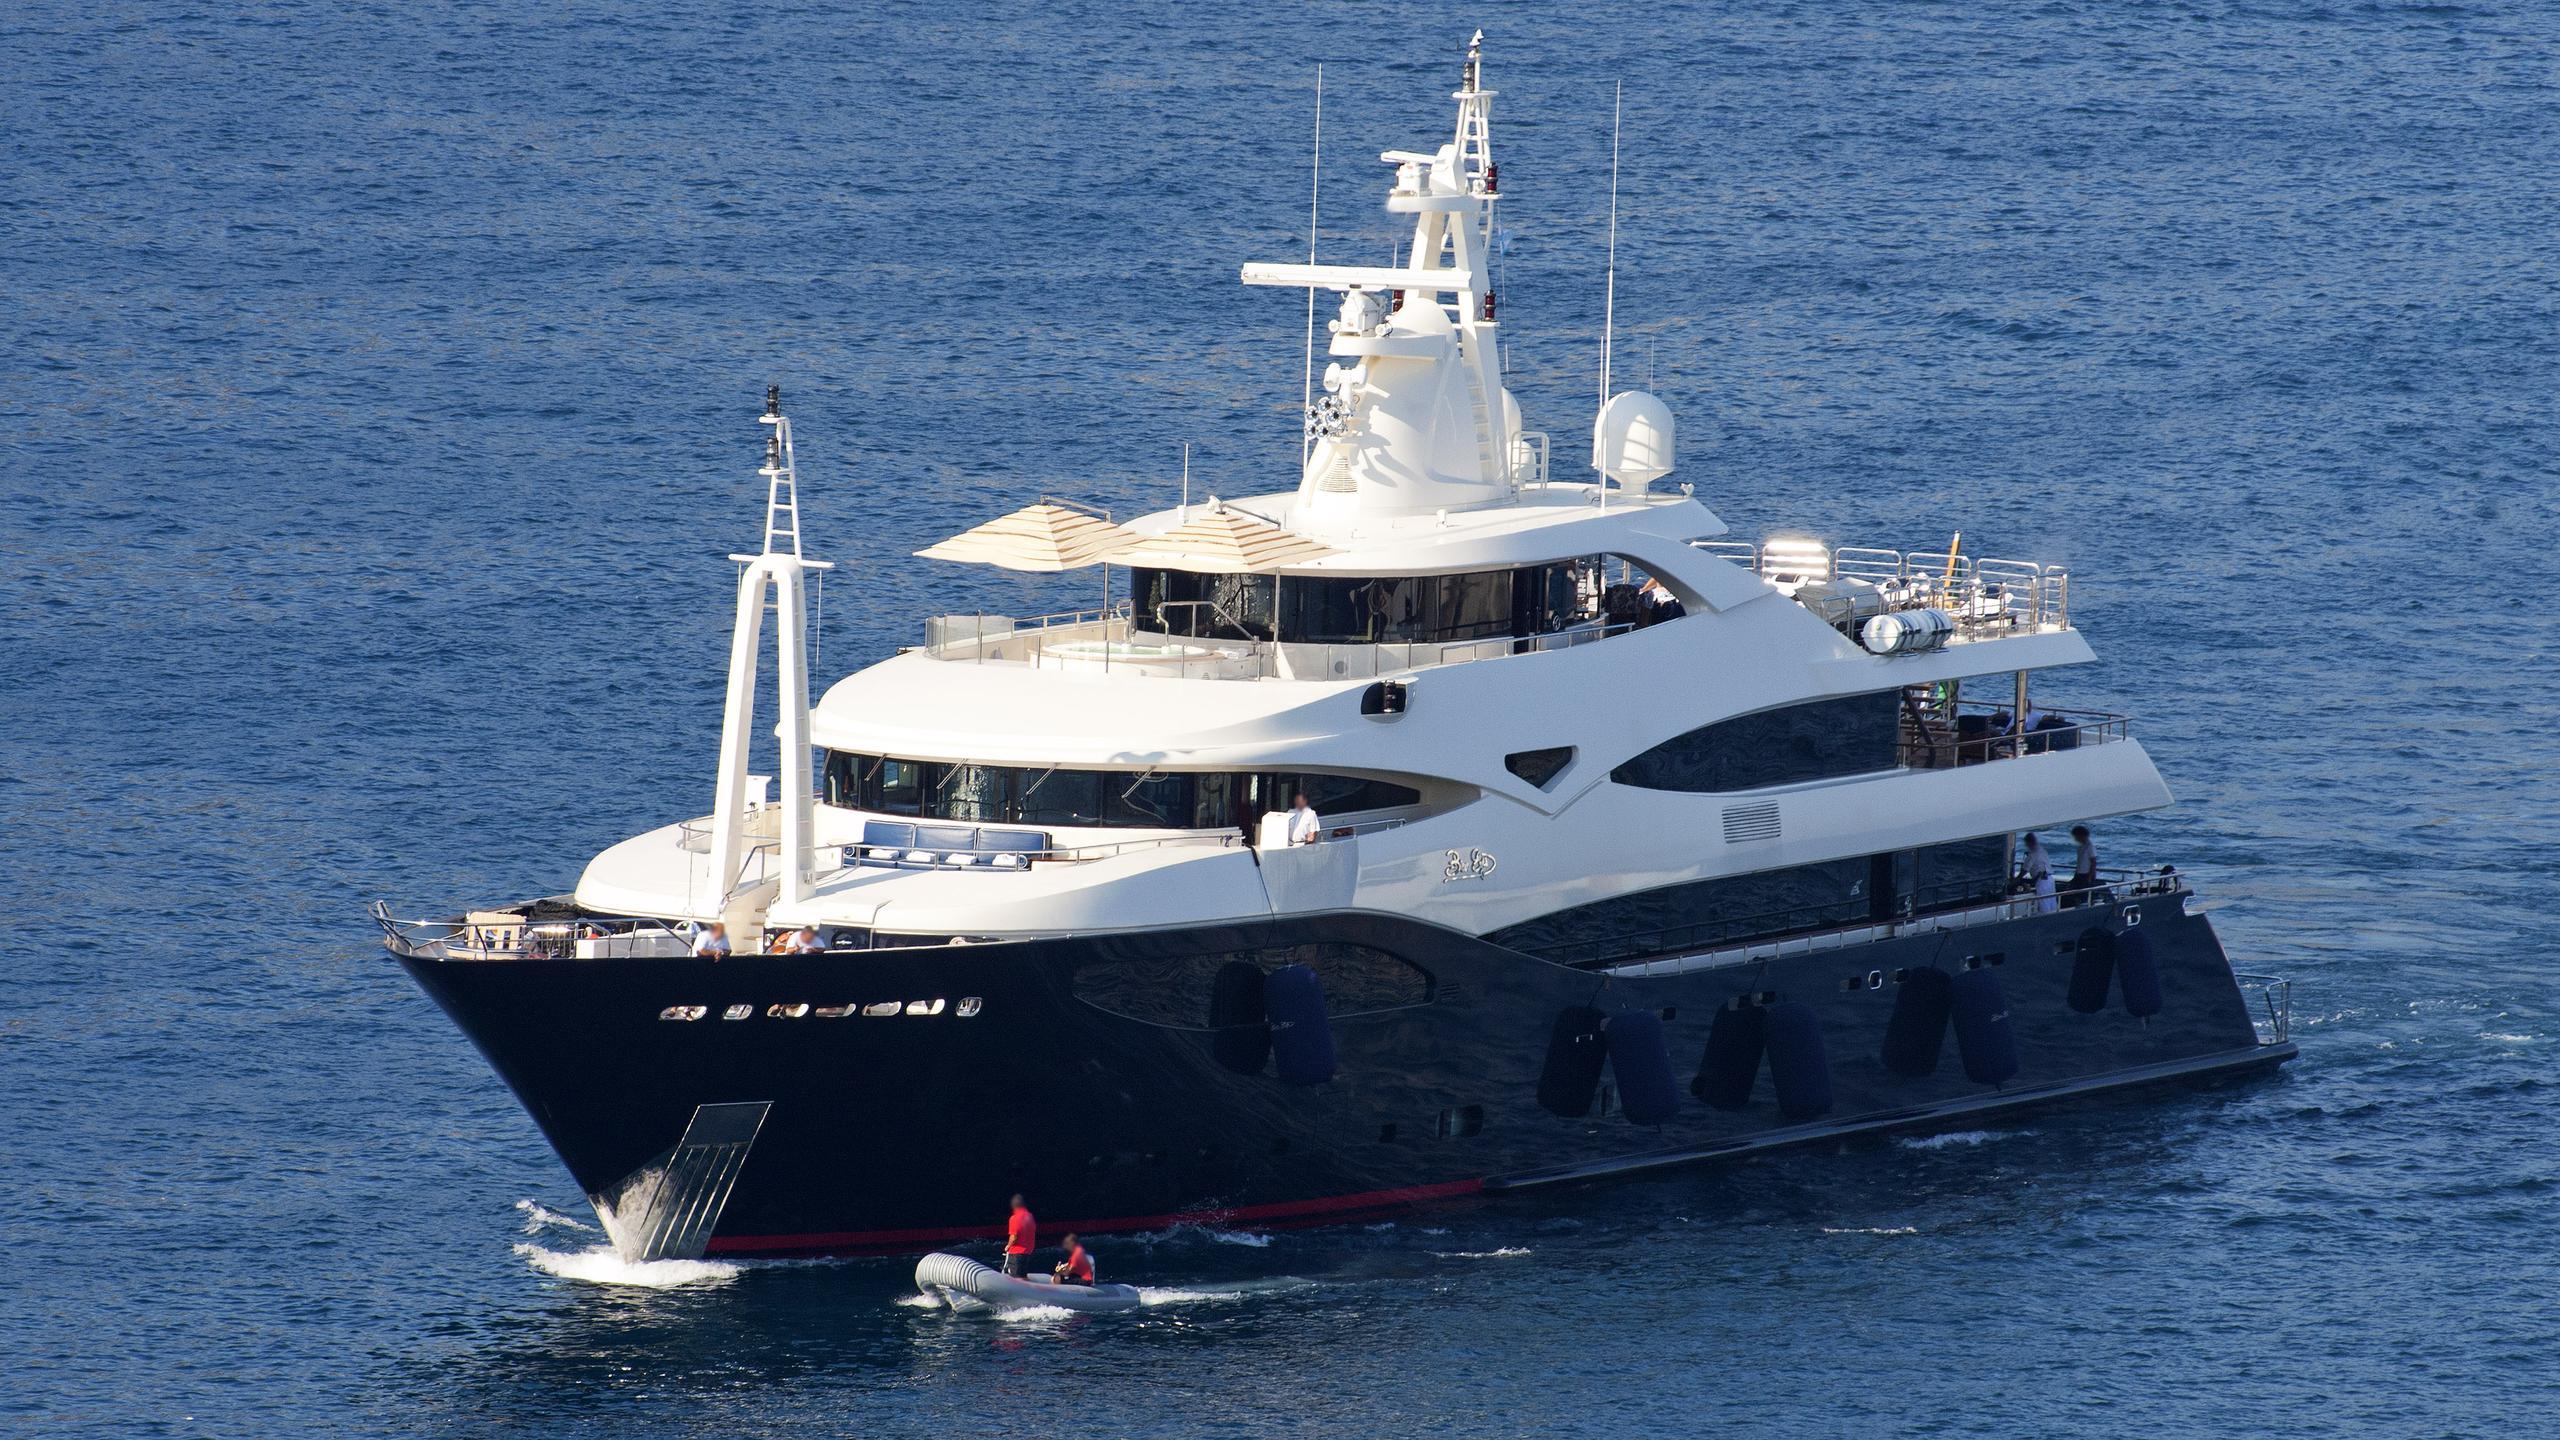 blue-eyes-motor-yacht-crn-2009-60m-half-profile